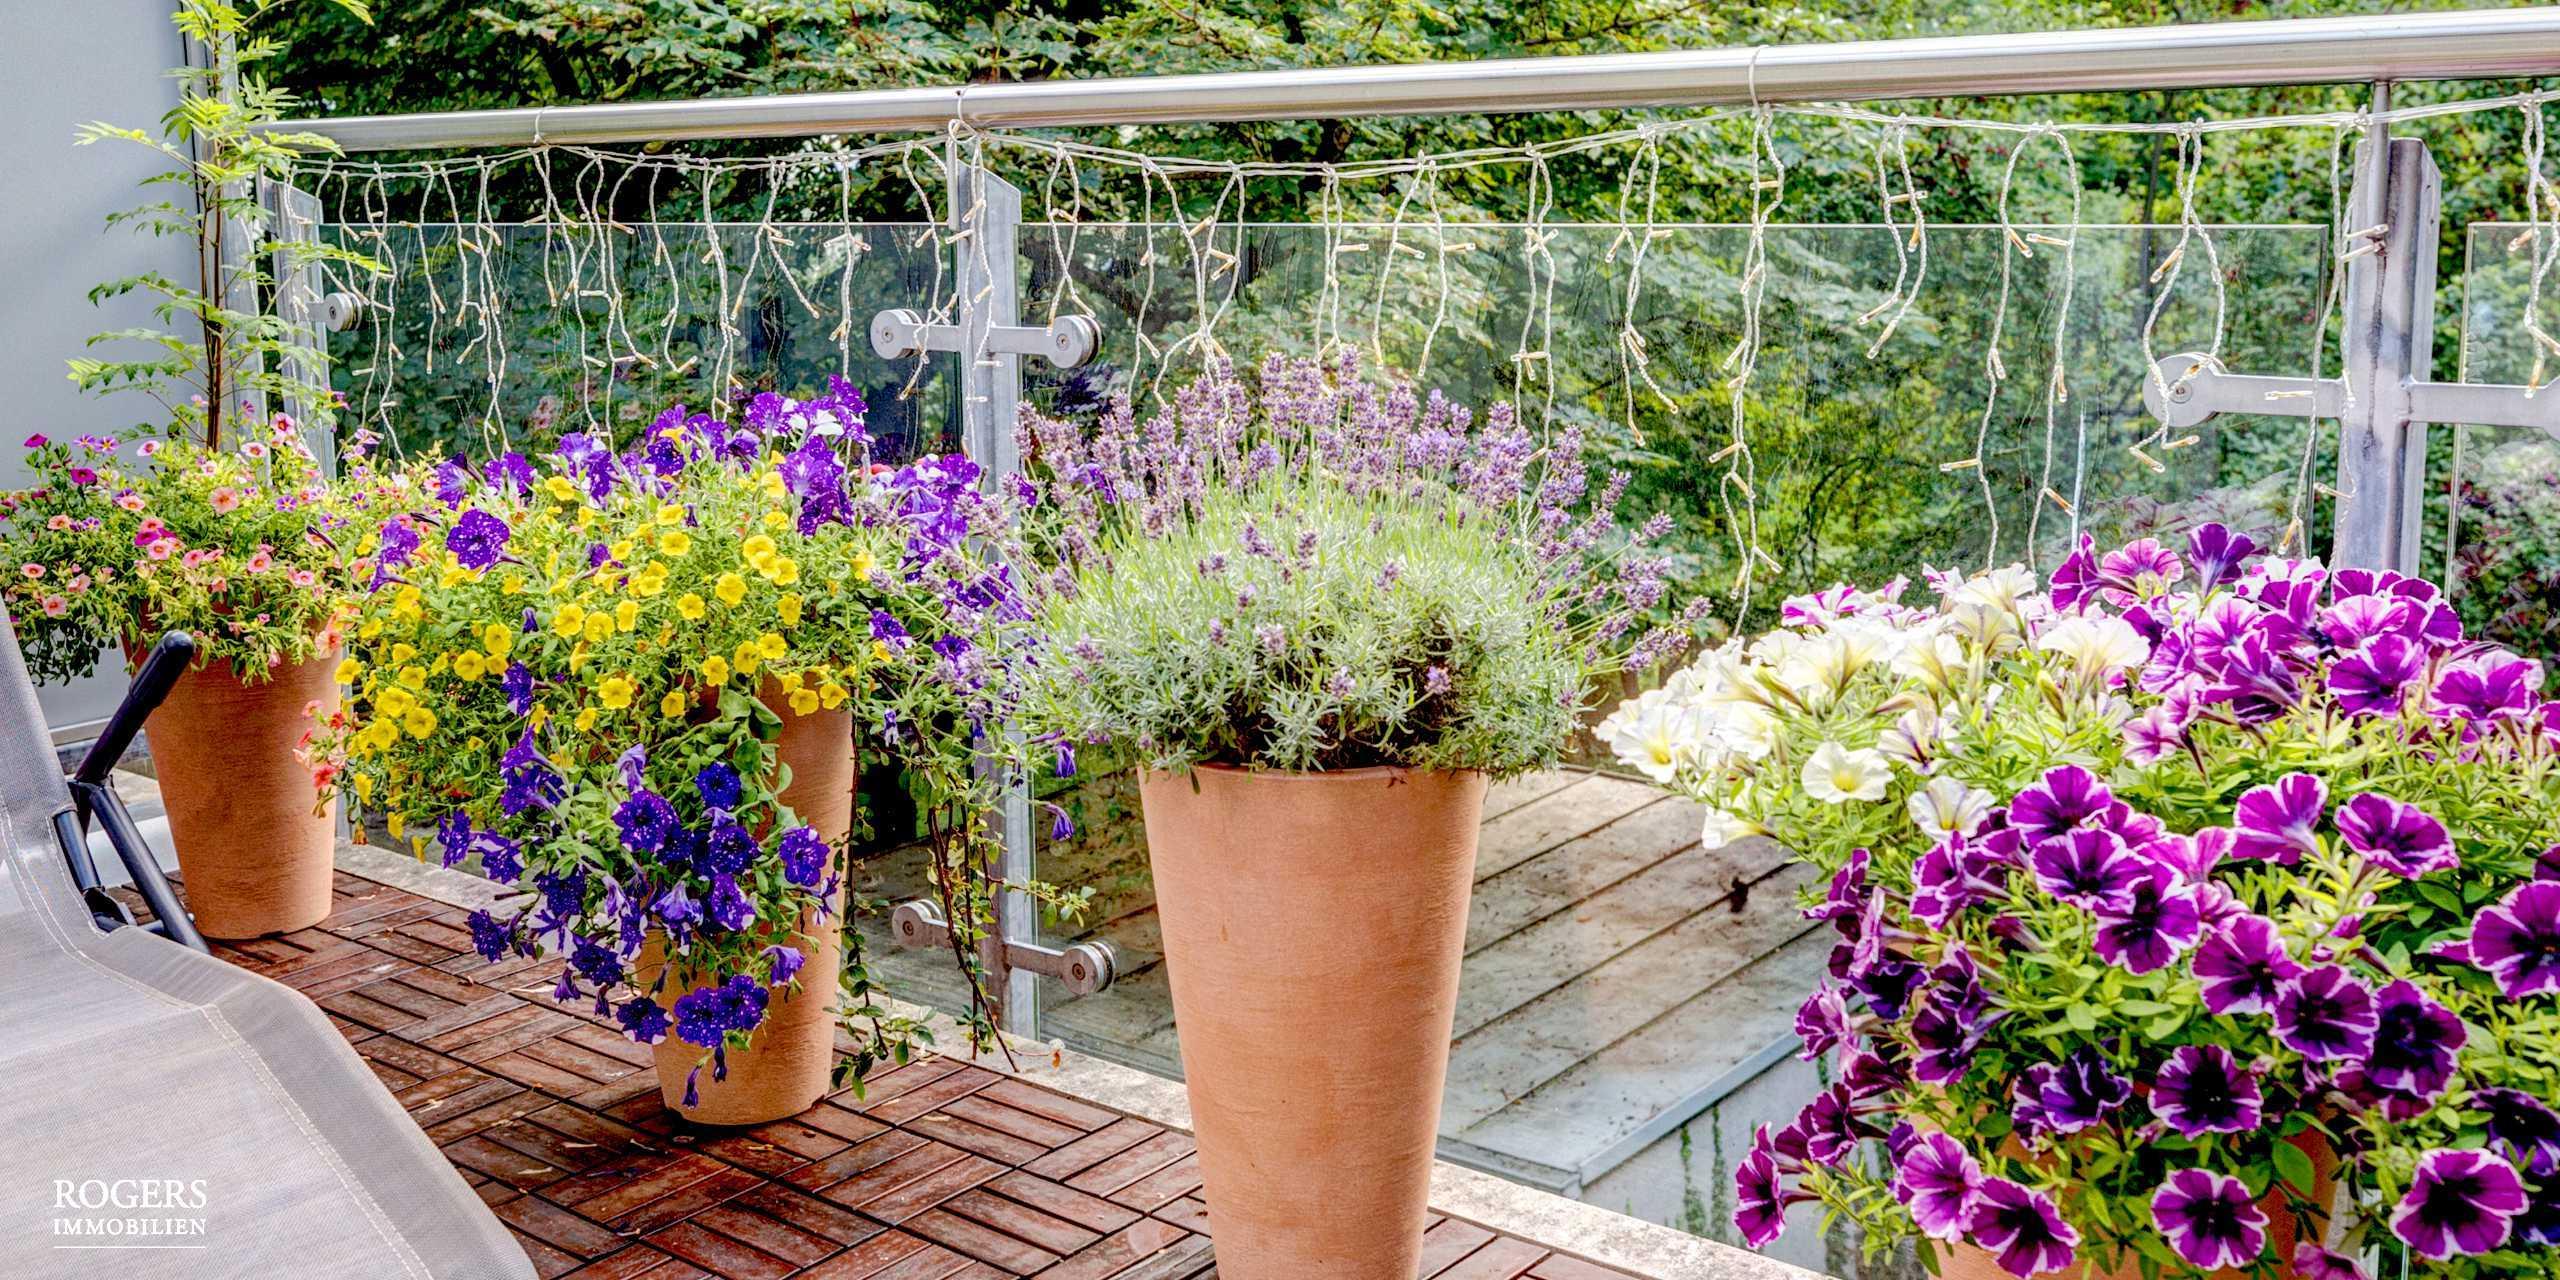 Raum für den Rückzug: So wird aus einem Balkon eine herrliche Oase